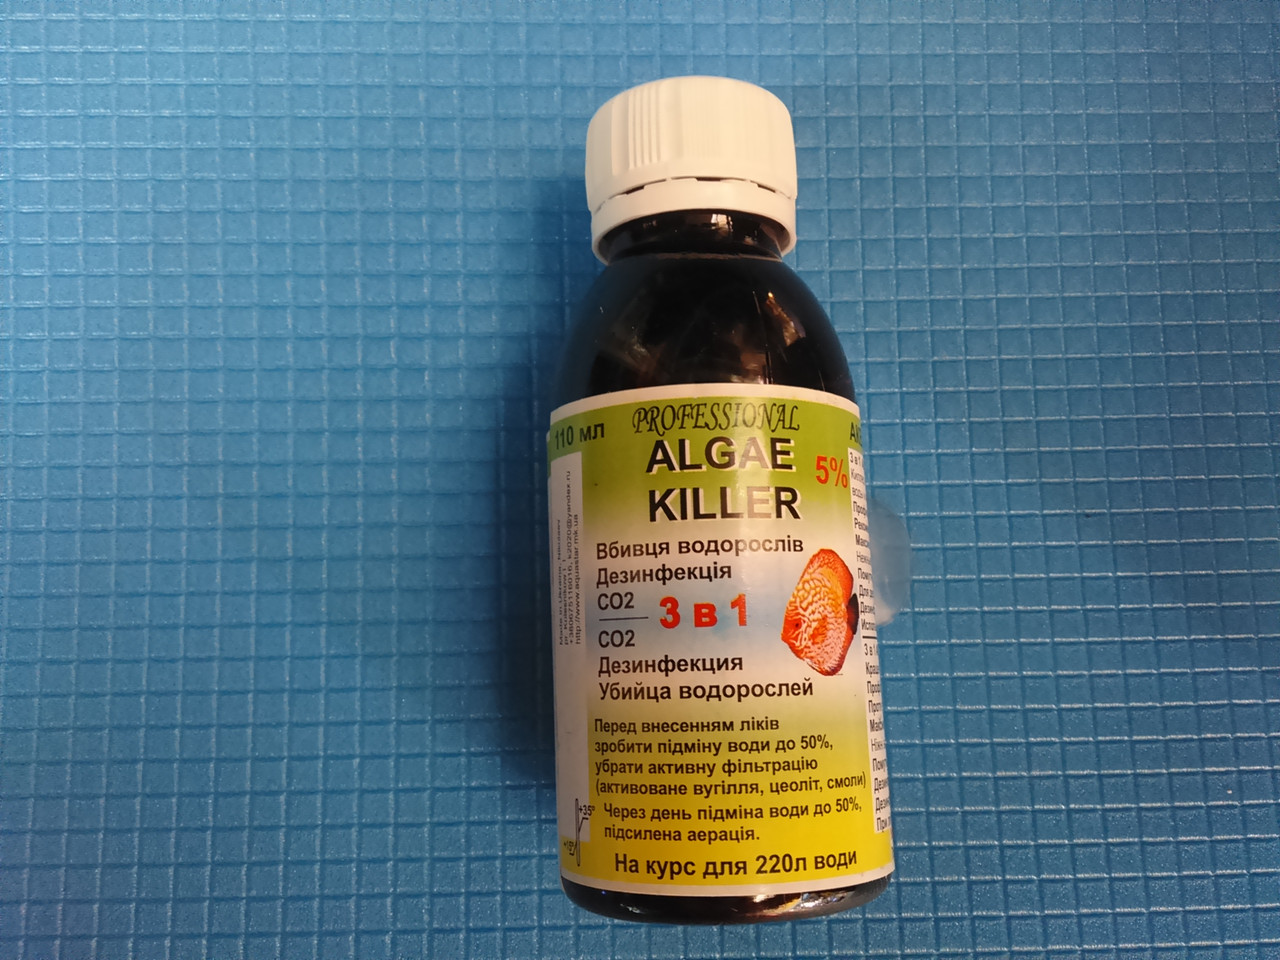 Убийца водорослей и дезинфекция ALGAE KILLER